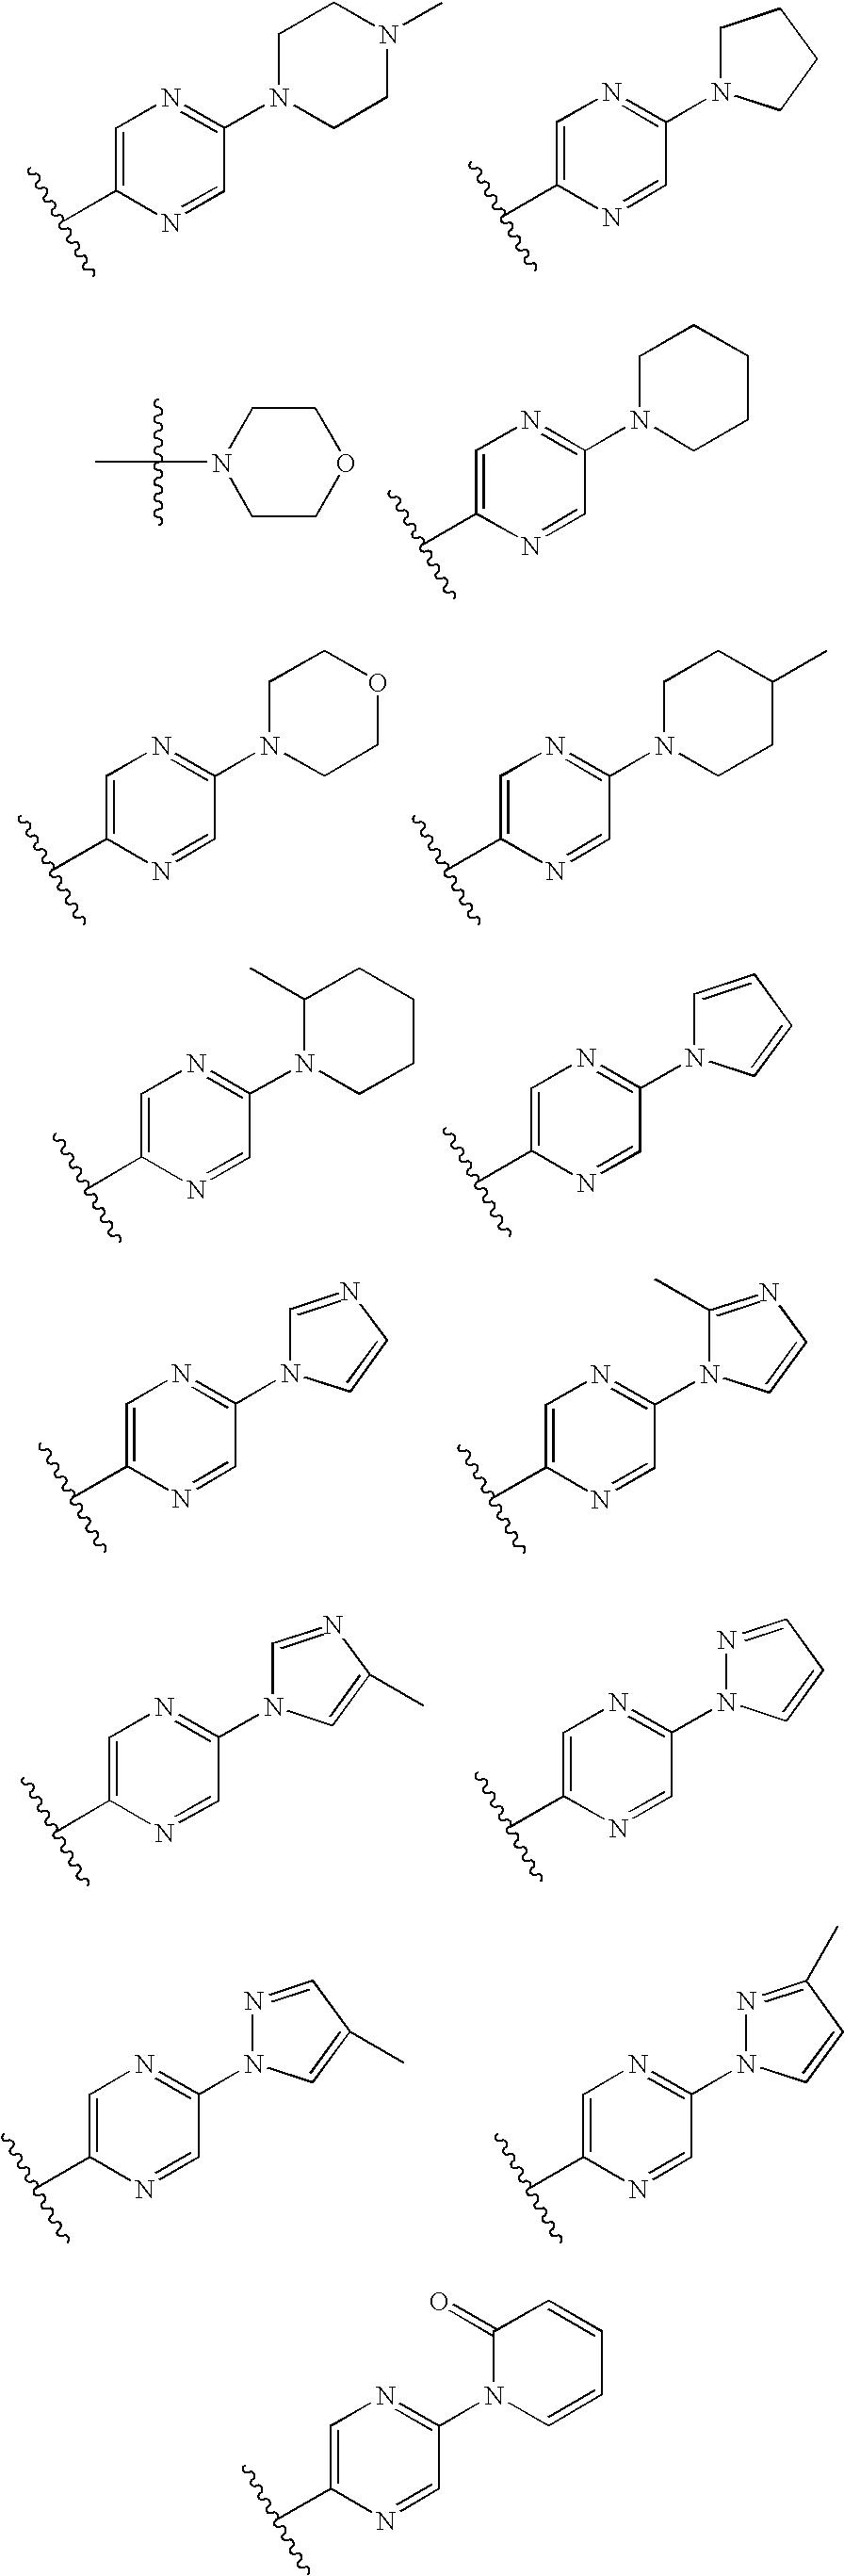 Figure US20090312319A1-20091217-C00024